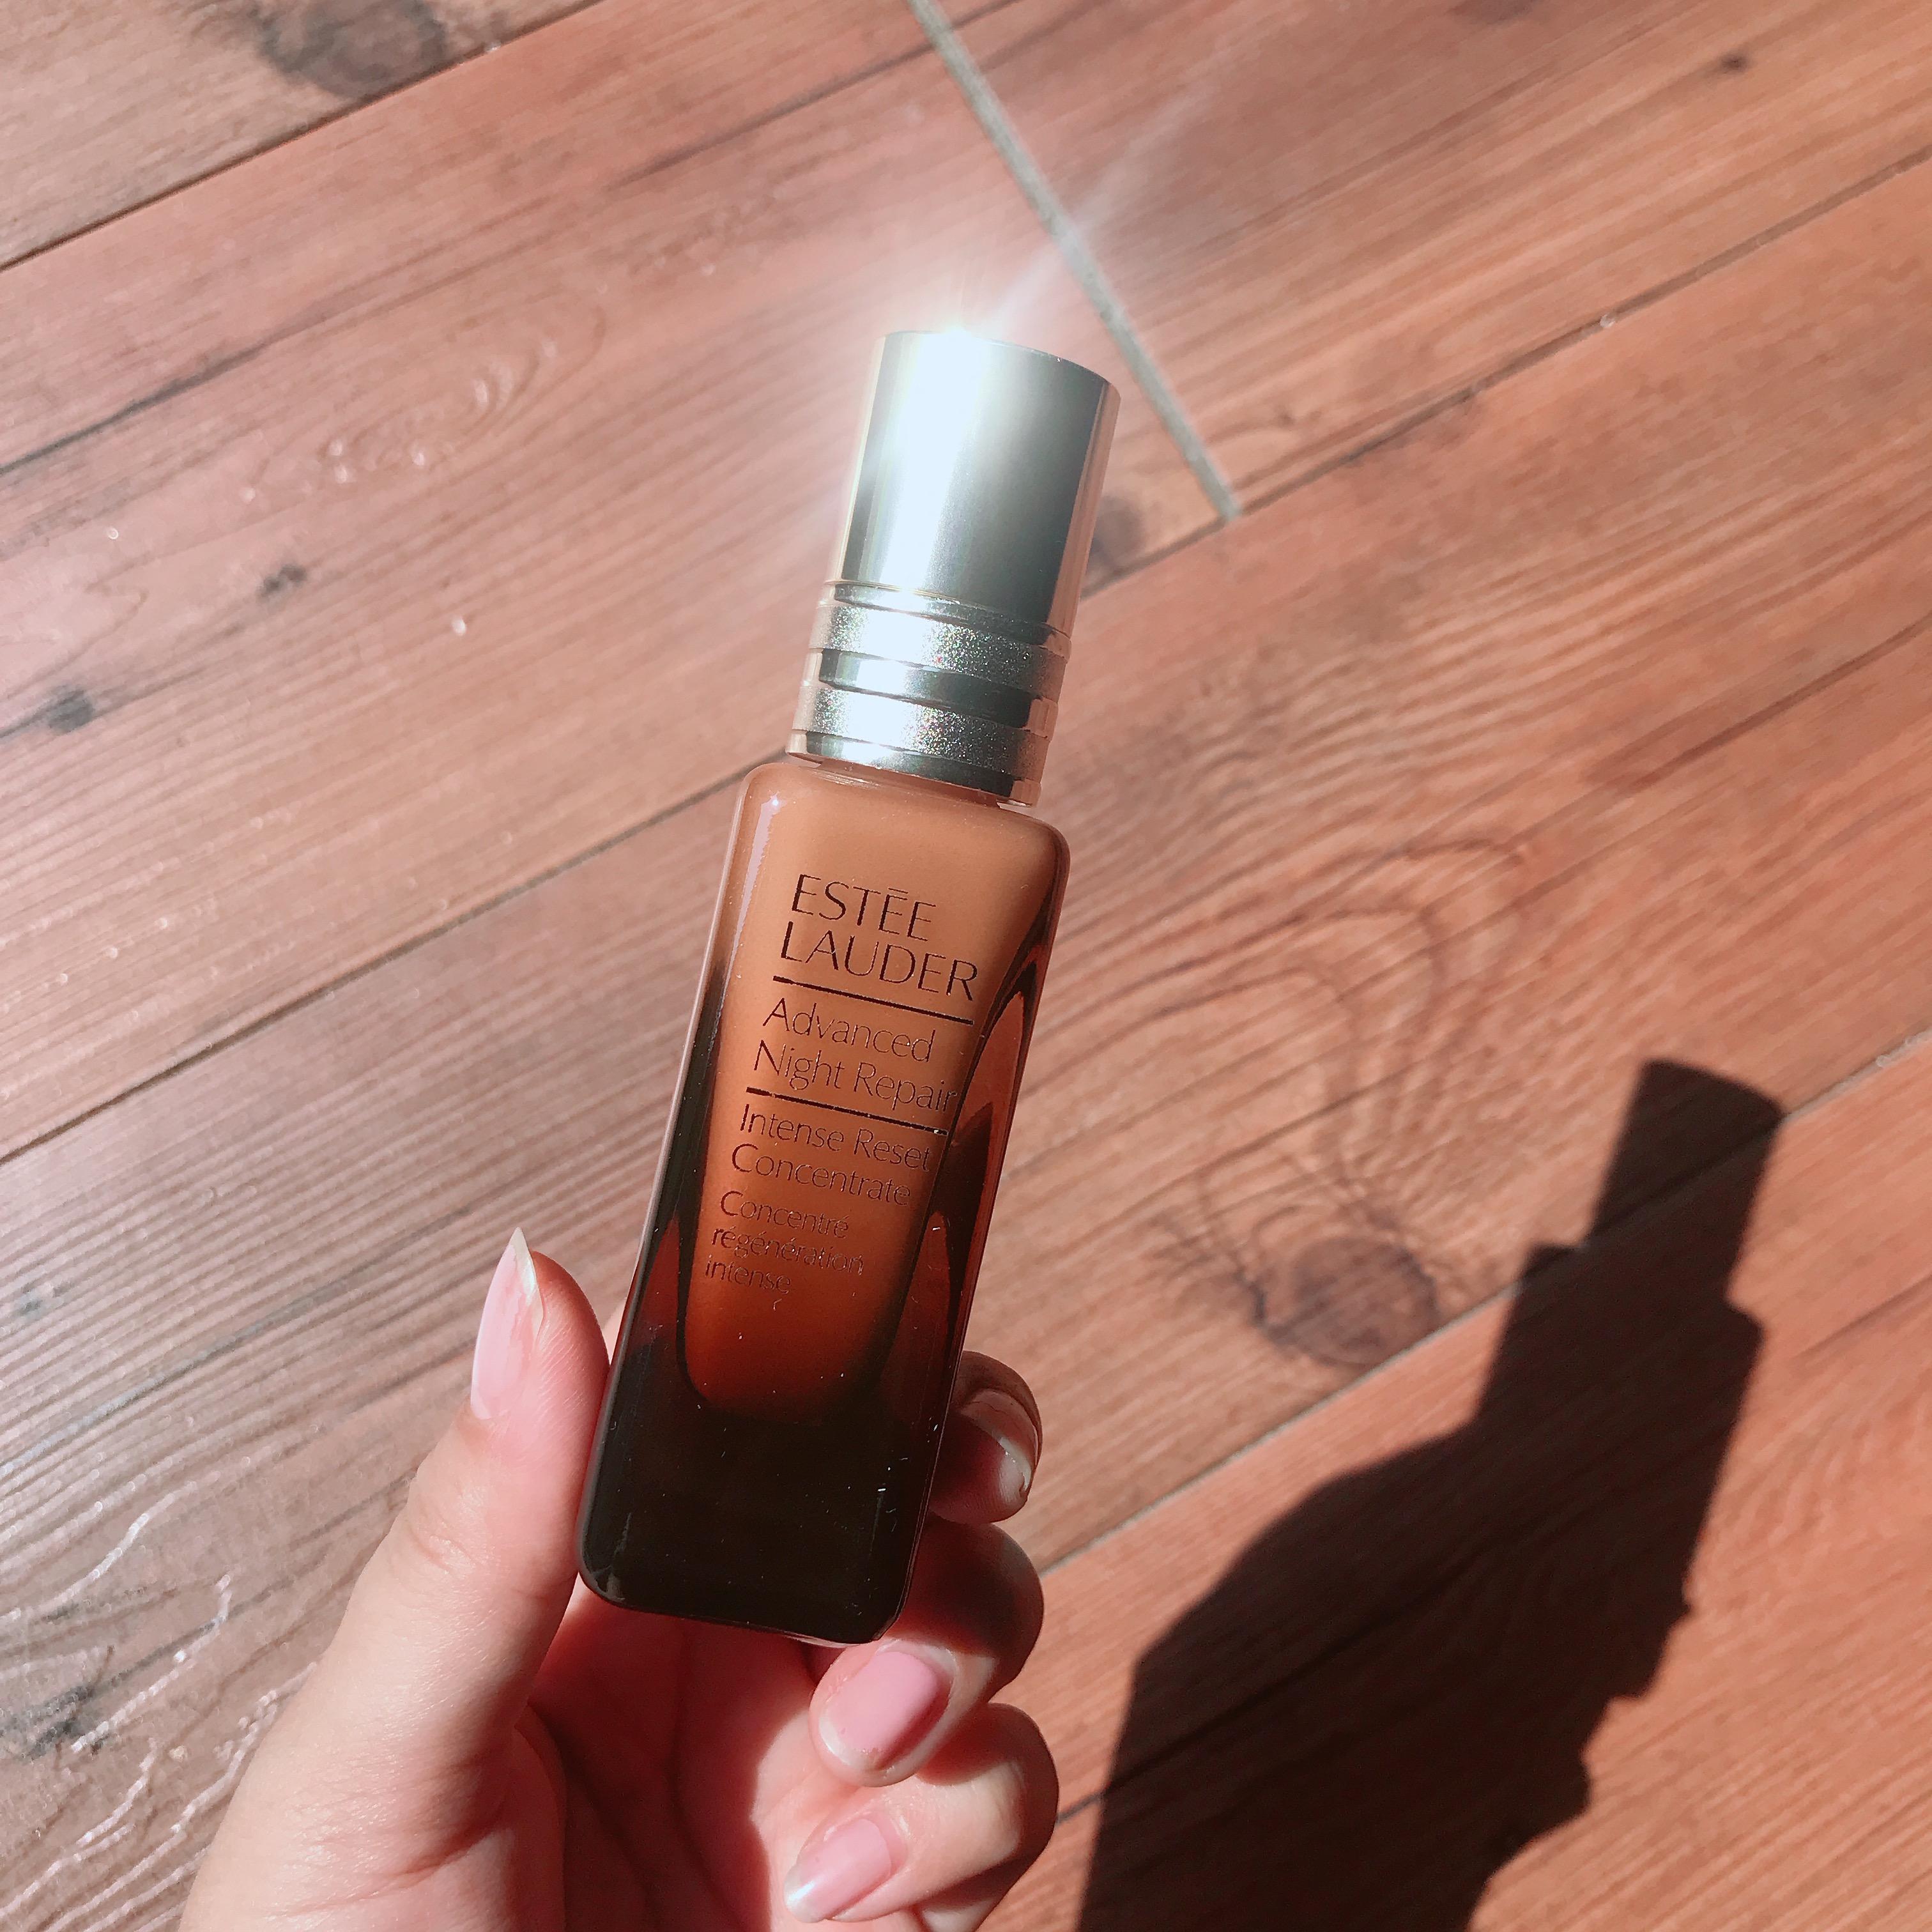 雅詩蘭黛小棕瓶精粹PK蘭蔻小黑瓶未來精華液